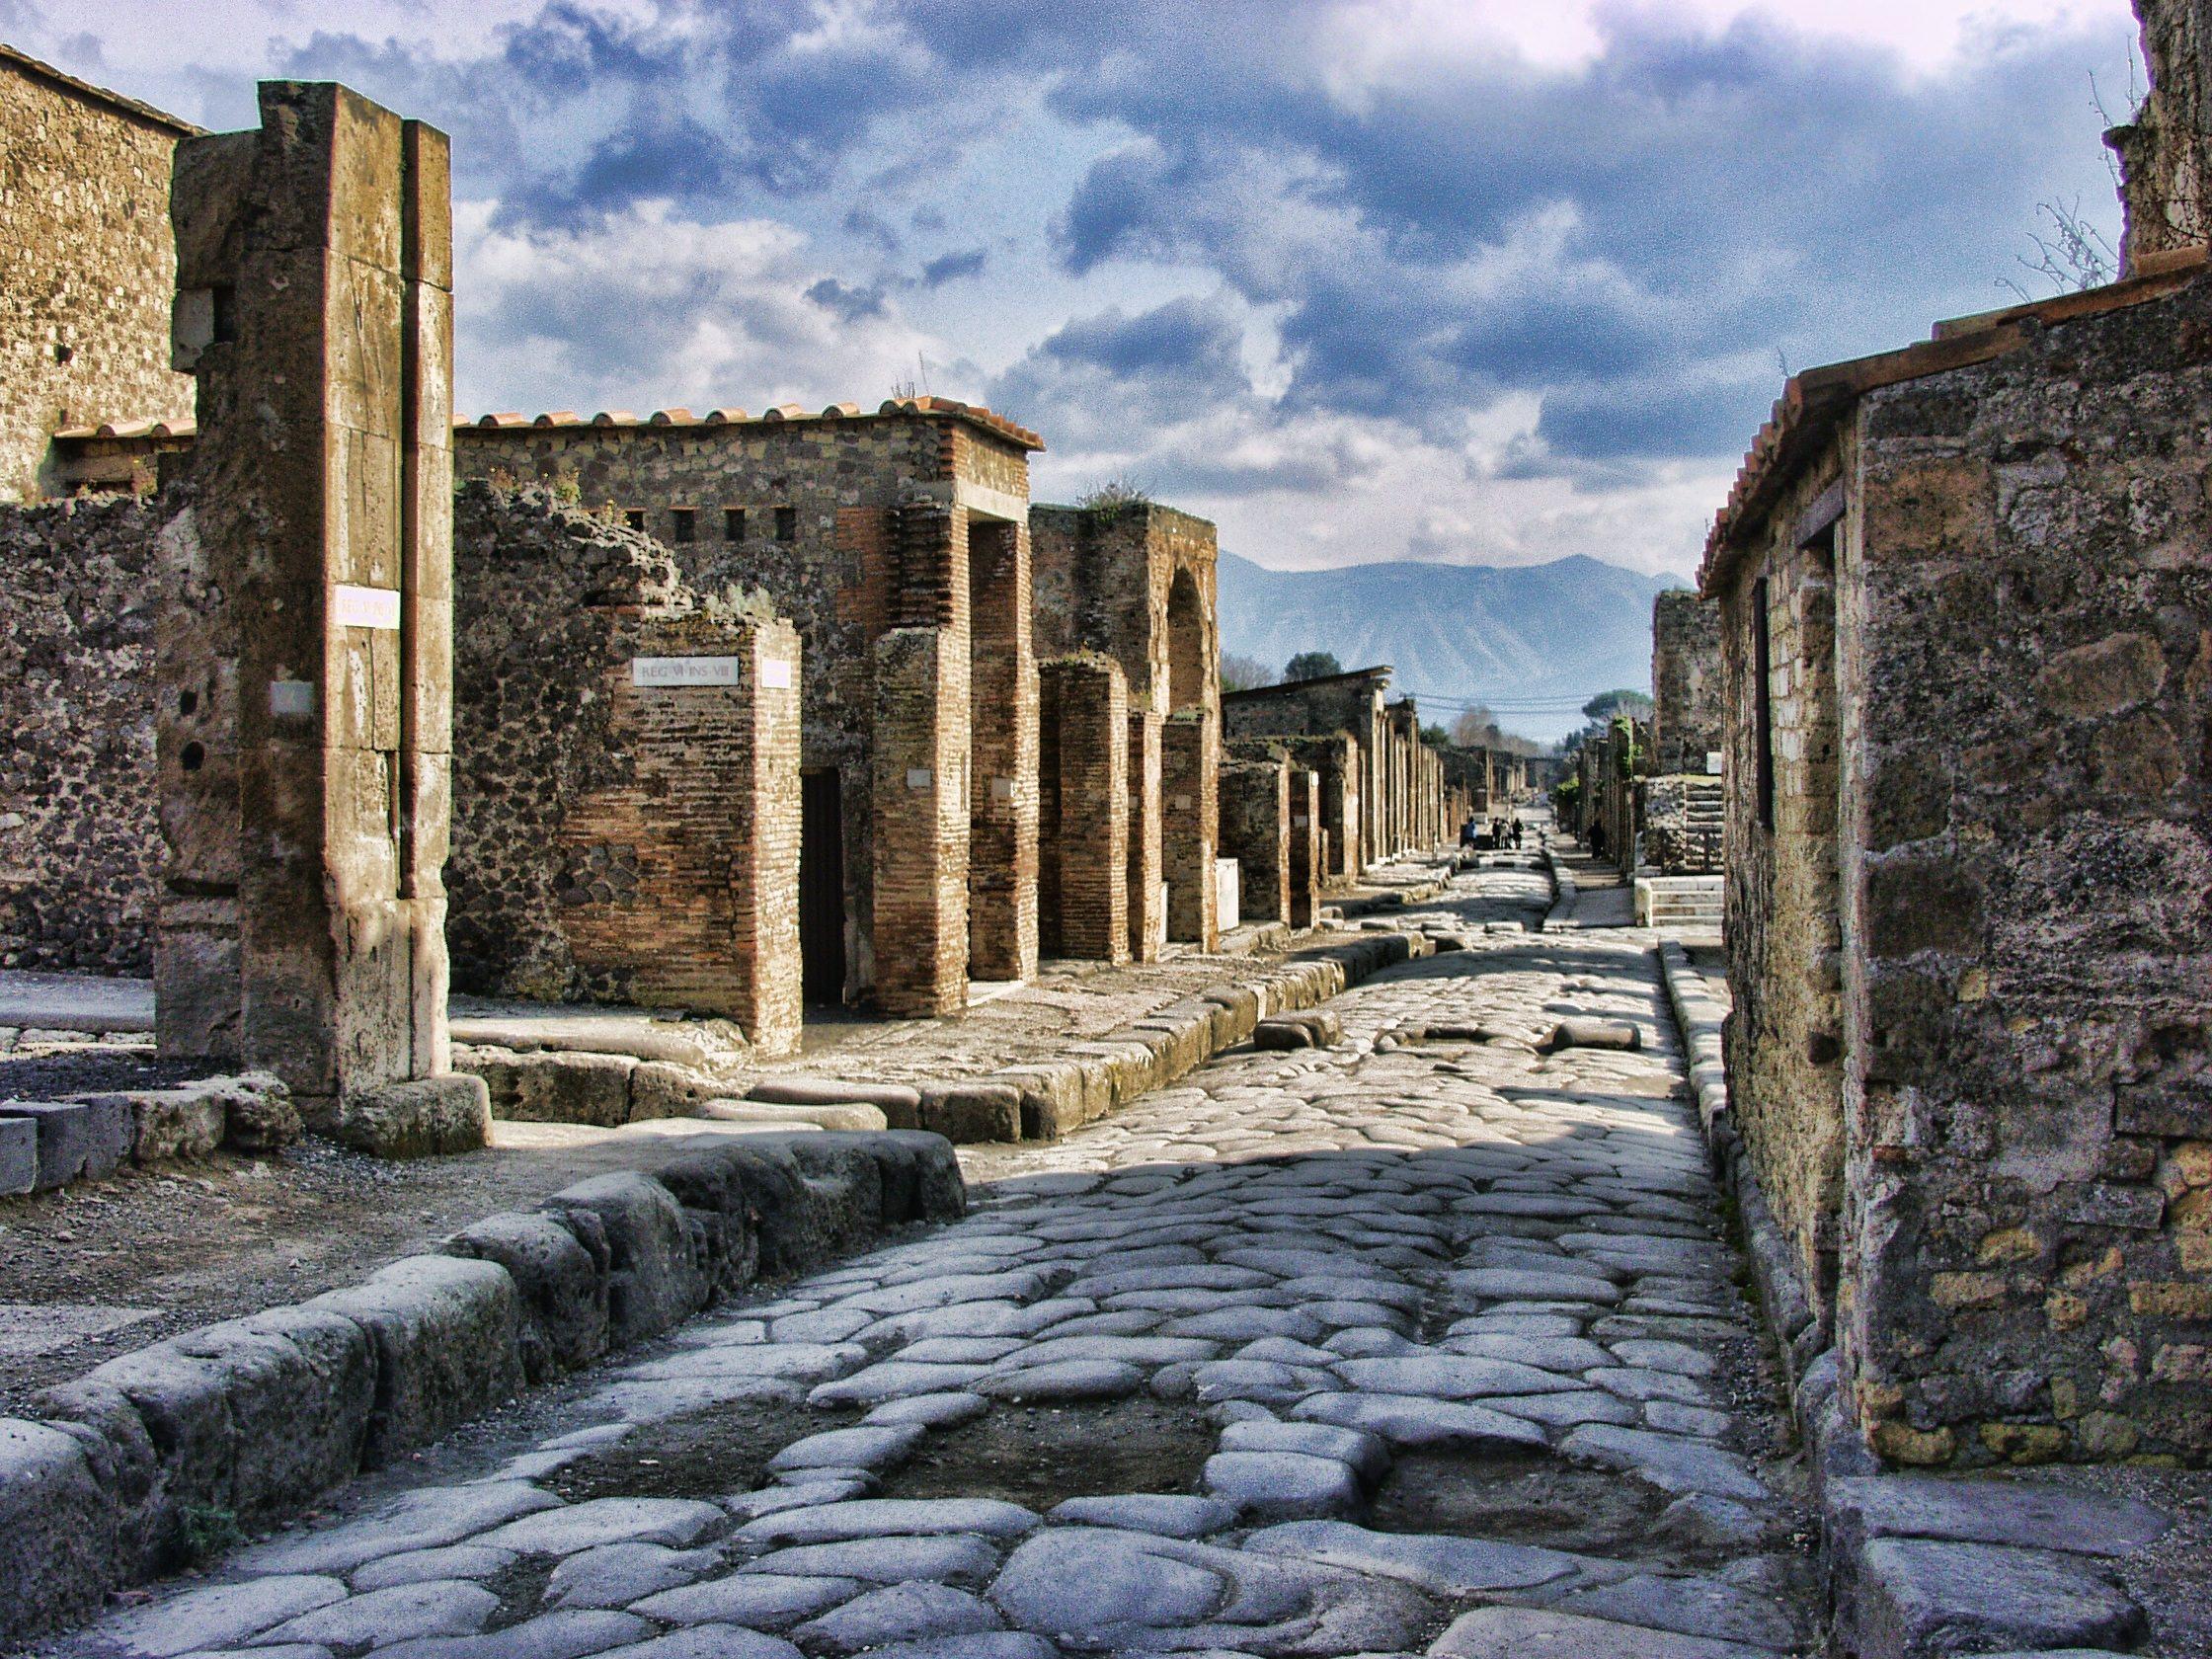 أفضل وجهات سياحية في إيطاليا